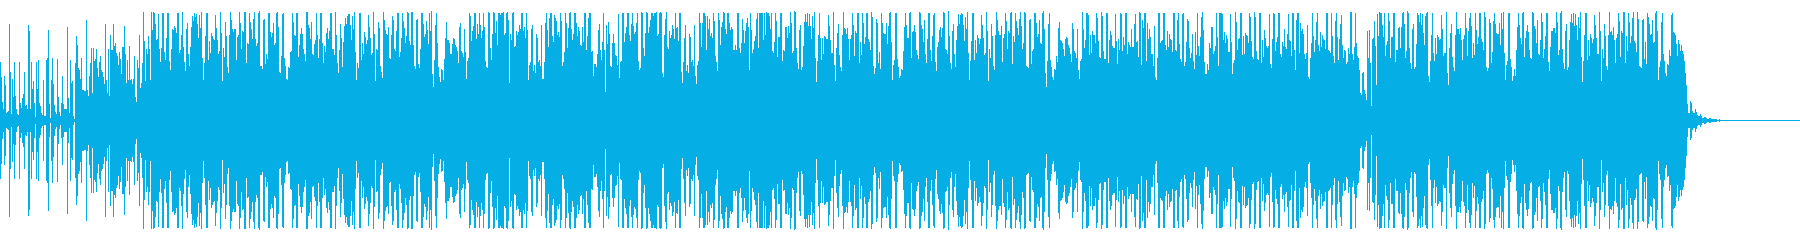 おしゃれ/ 可愛いチルアウトヒップホップの再生済みの波形